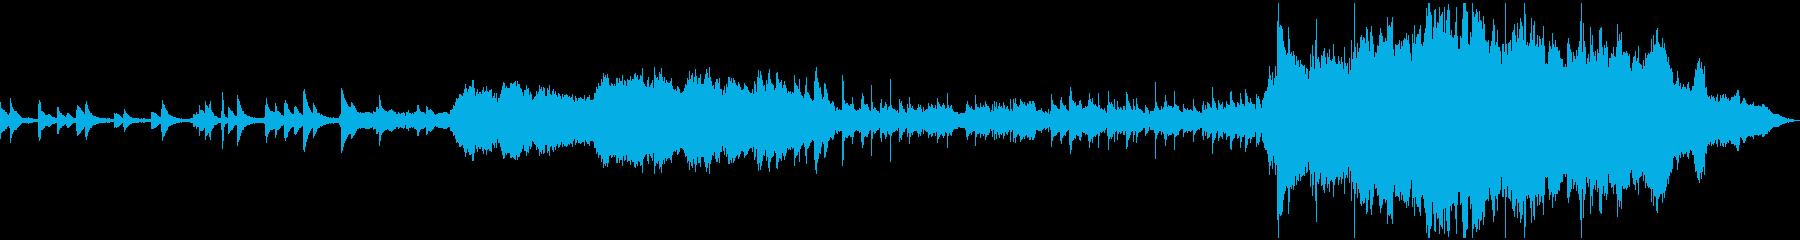 現代的 交響曲 広い 壮大 ほのぼ...の再生済みの波形